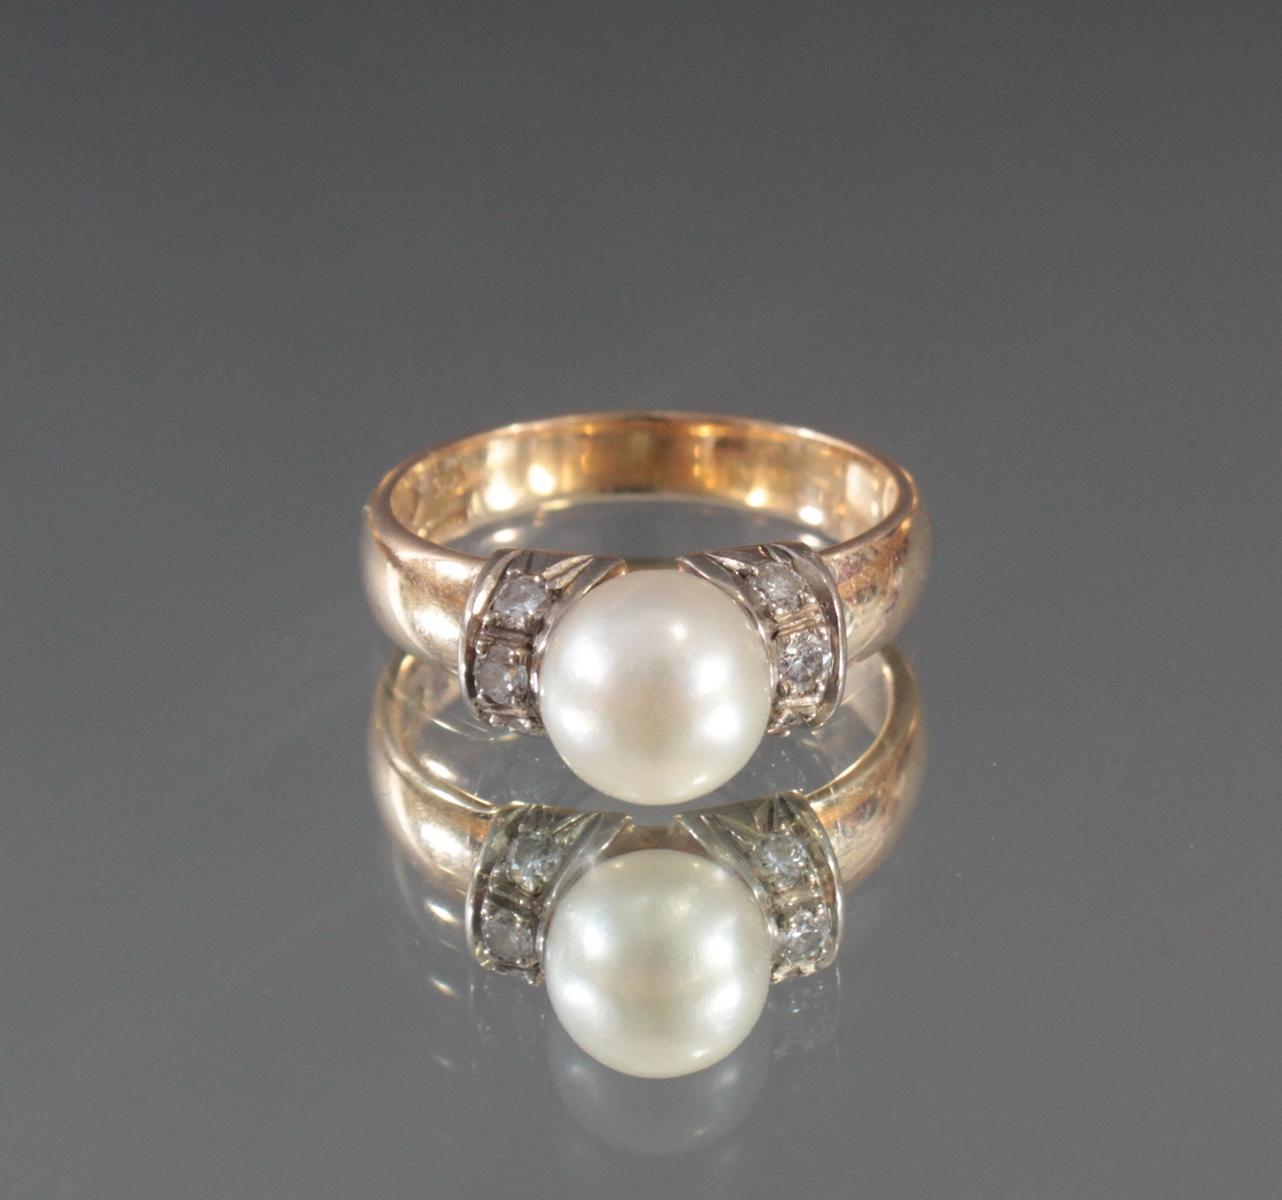 Damenring mit Perle und Diamanten aus 14 Karat Gelbgold